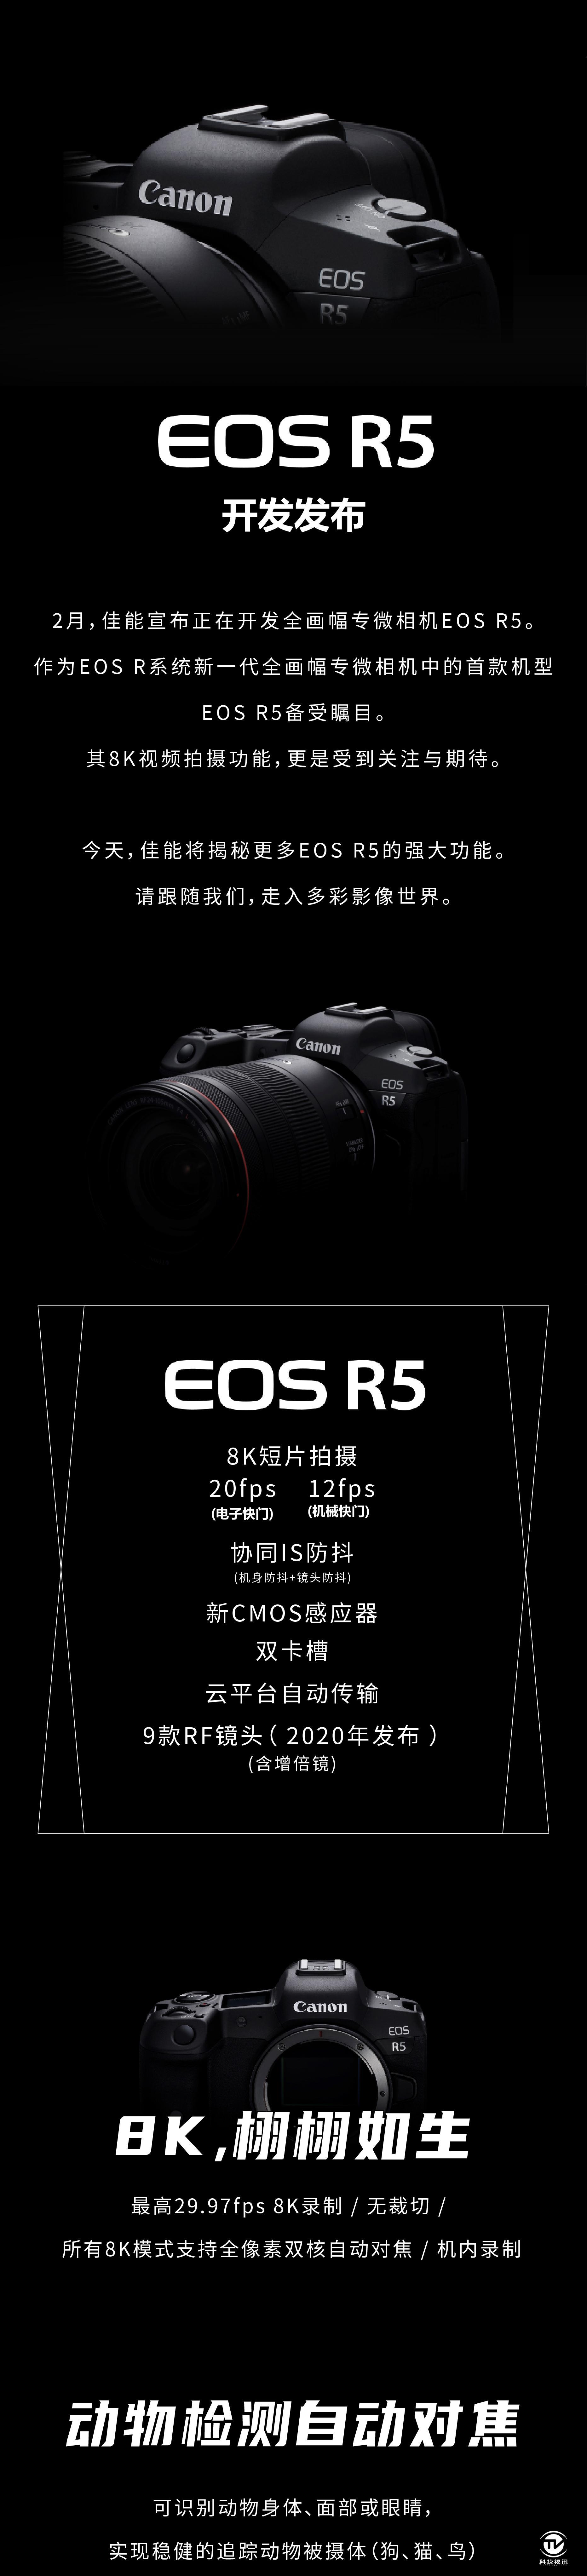 佳能全畫幅專微相機EOS-R5新的開發內容_01.jpg